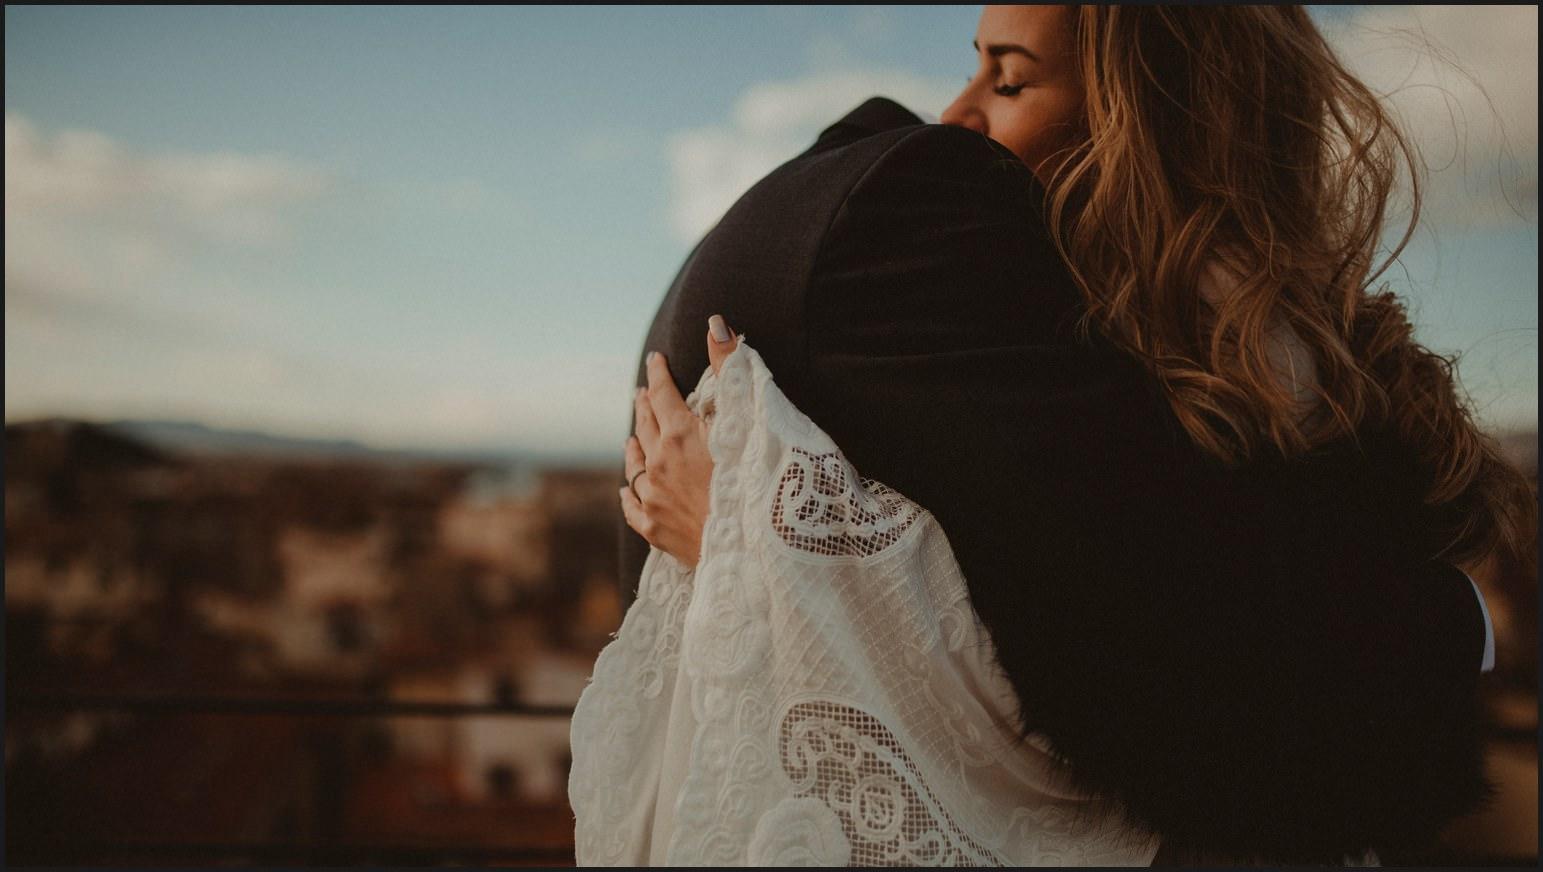 bride, groom, hug, elopement, rooftop, hotel torre guelfa